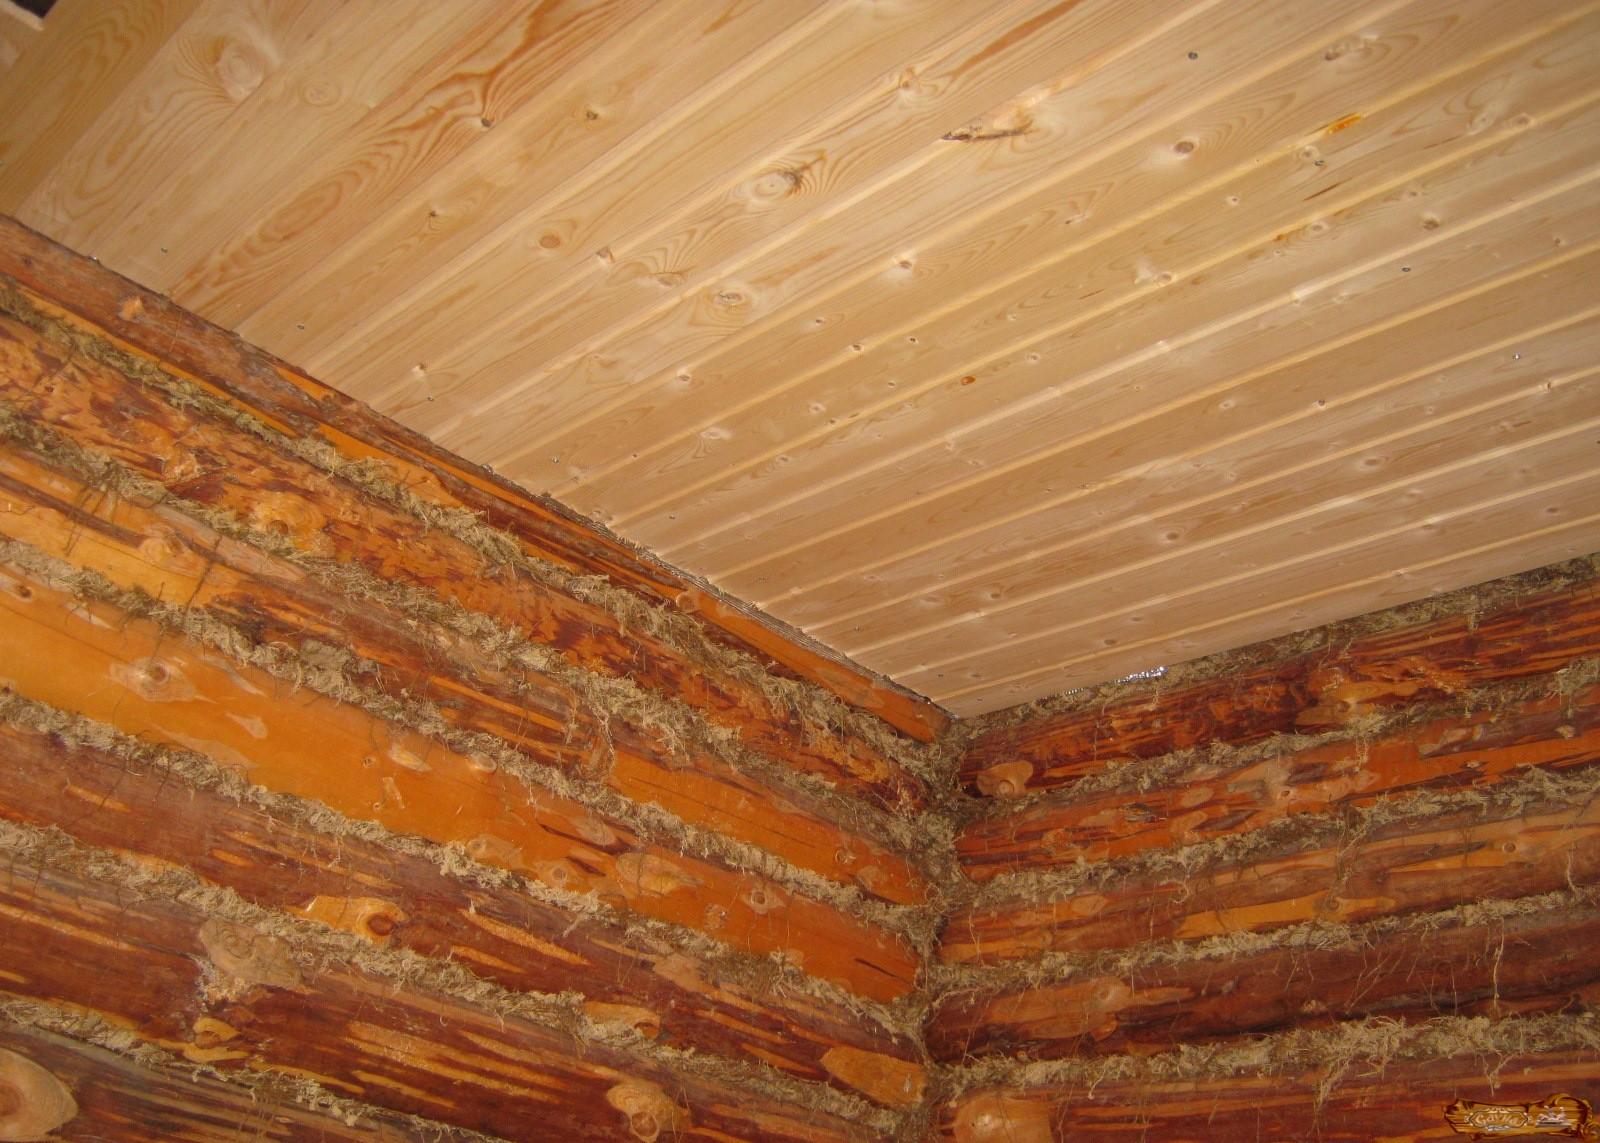 Потолок для бани своими руками, как сделать монтаж в предбаннике и моечной, как обустроить проход трубы через потолок, примеры на фото и видео